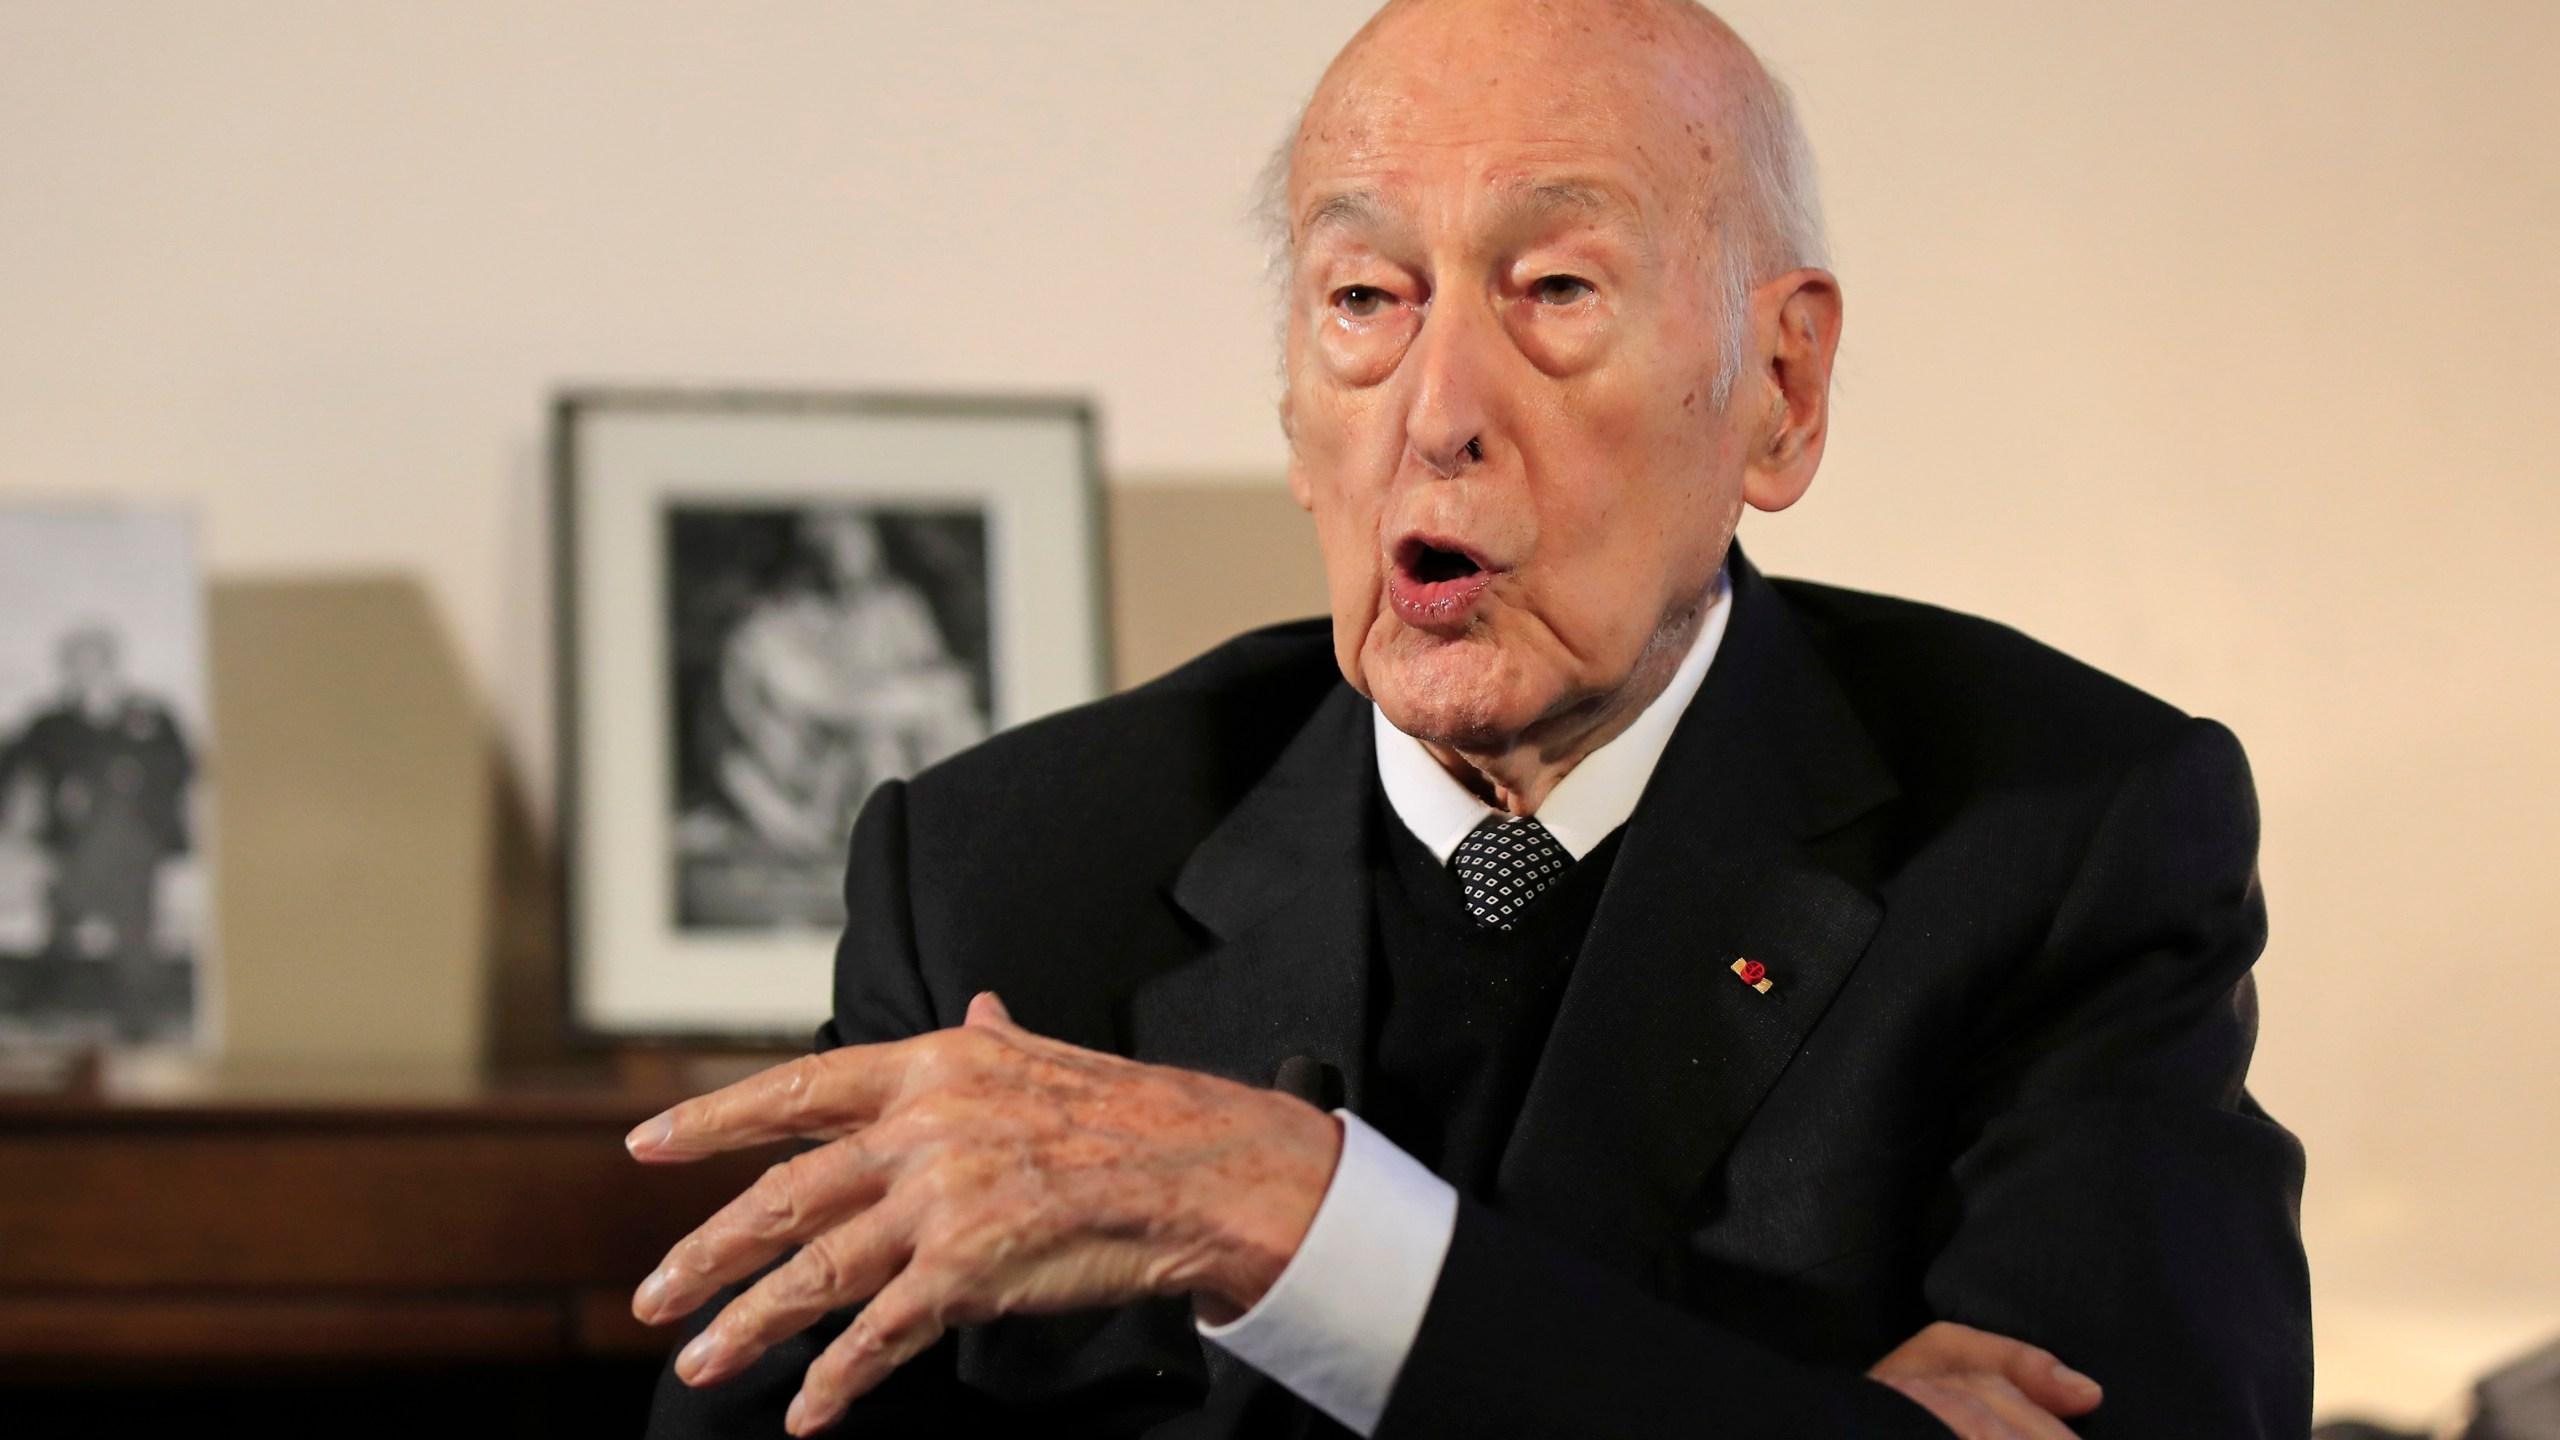 Valery Giscard d'Estaing